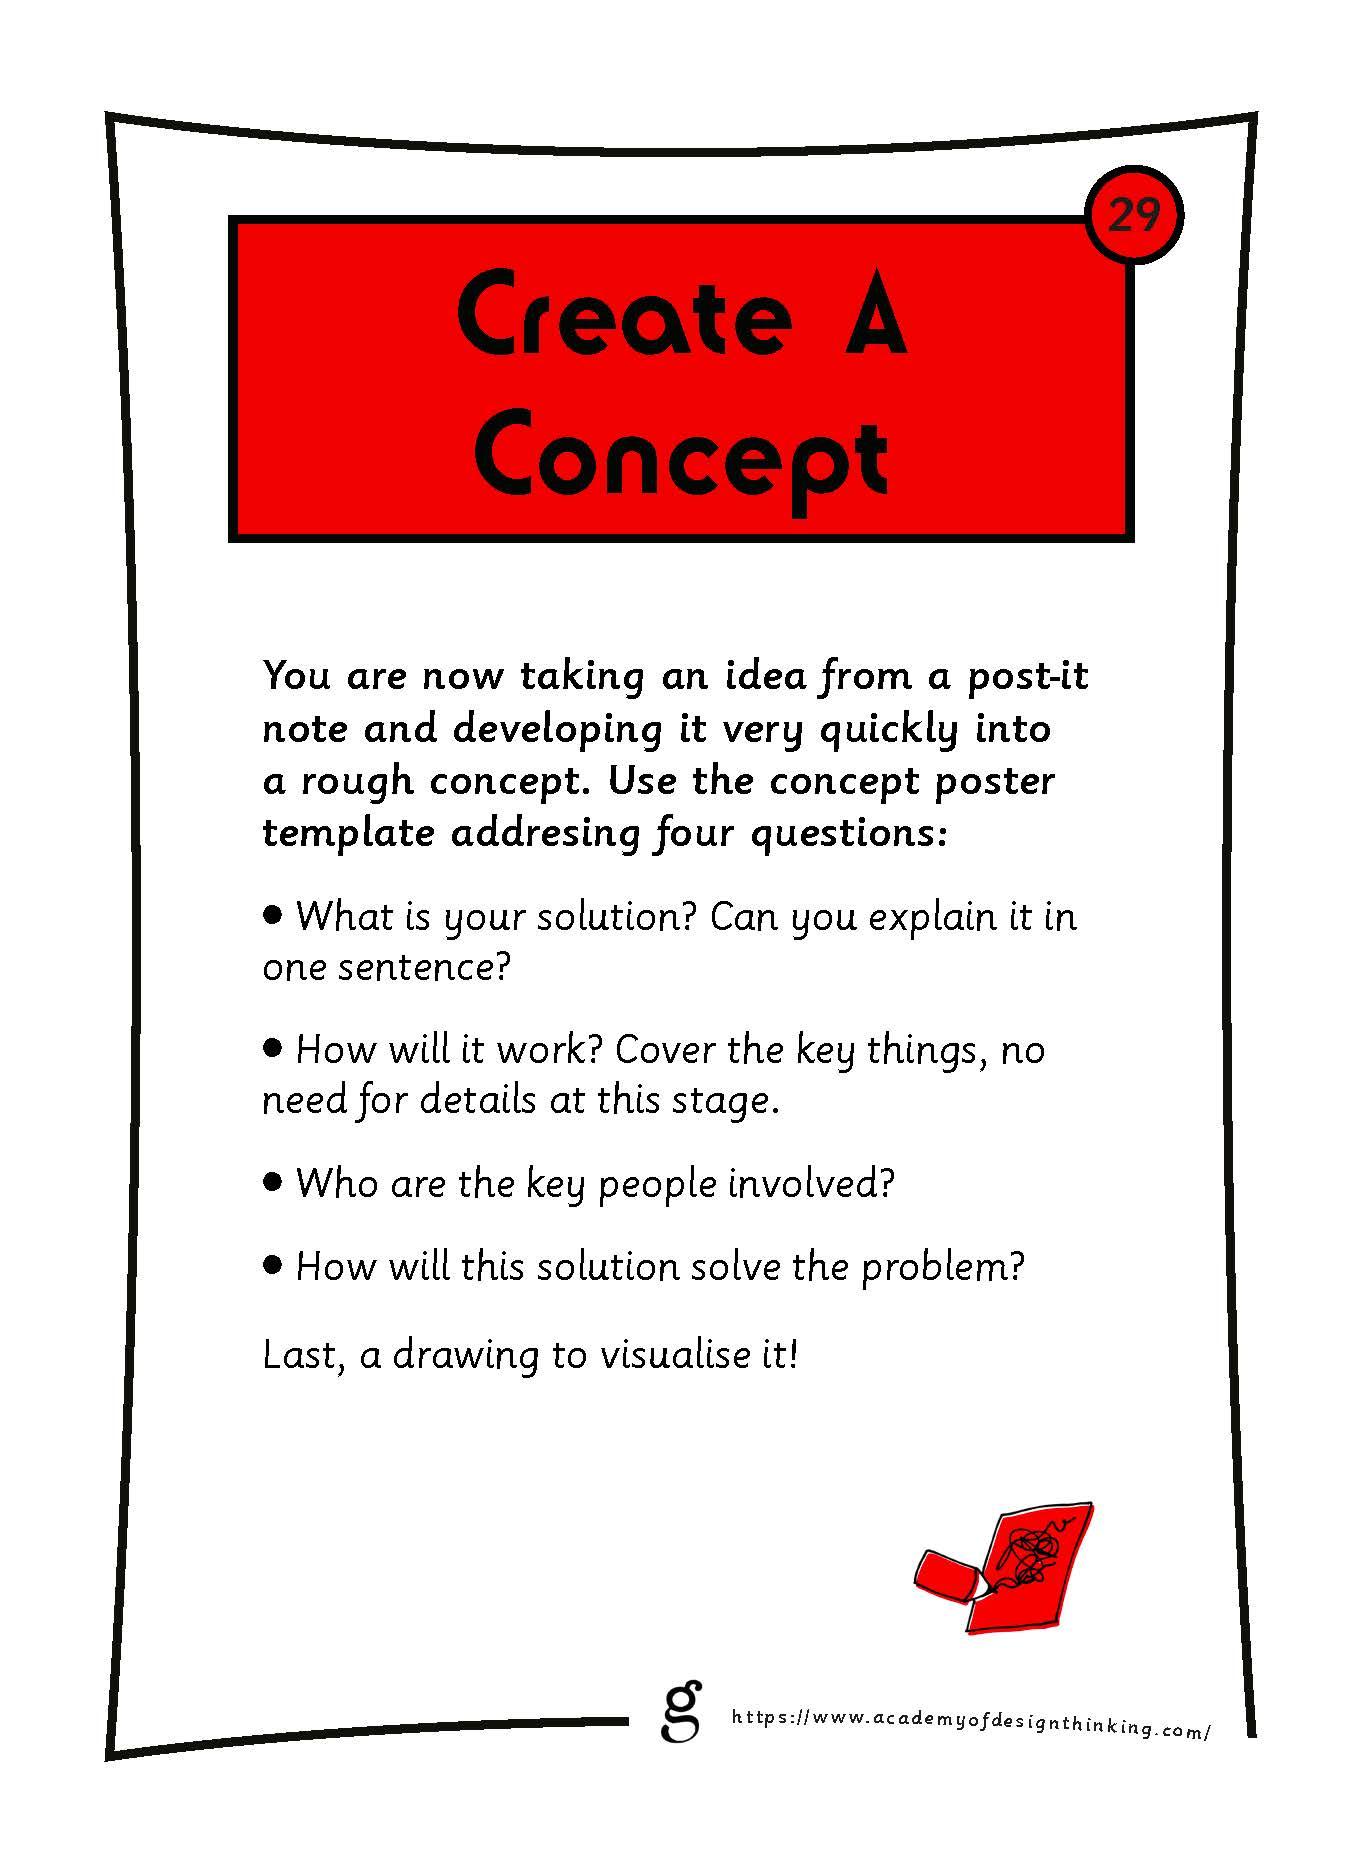 Create a Concept